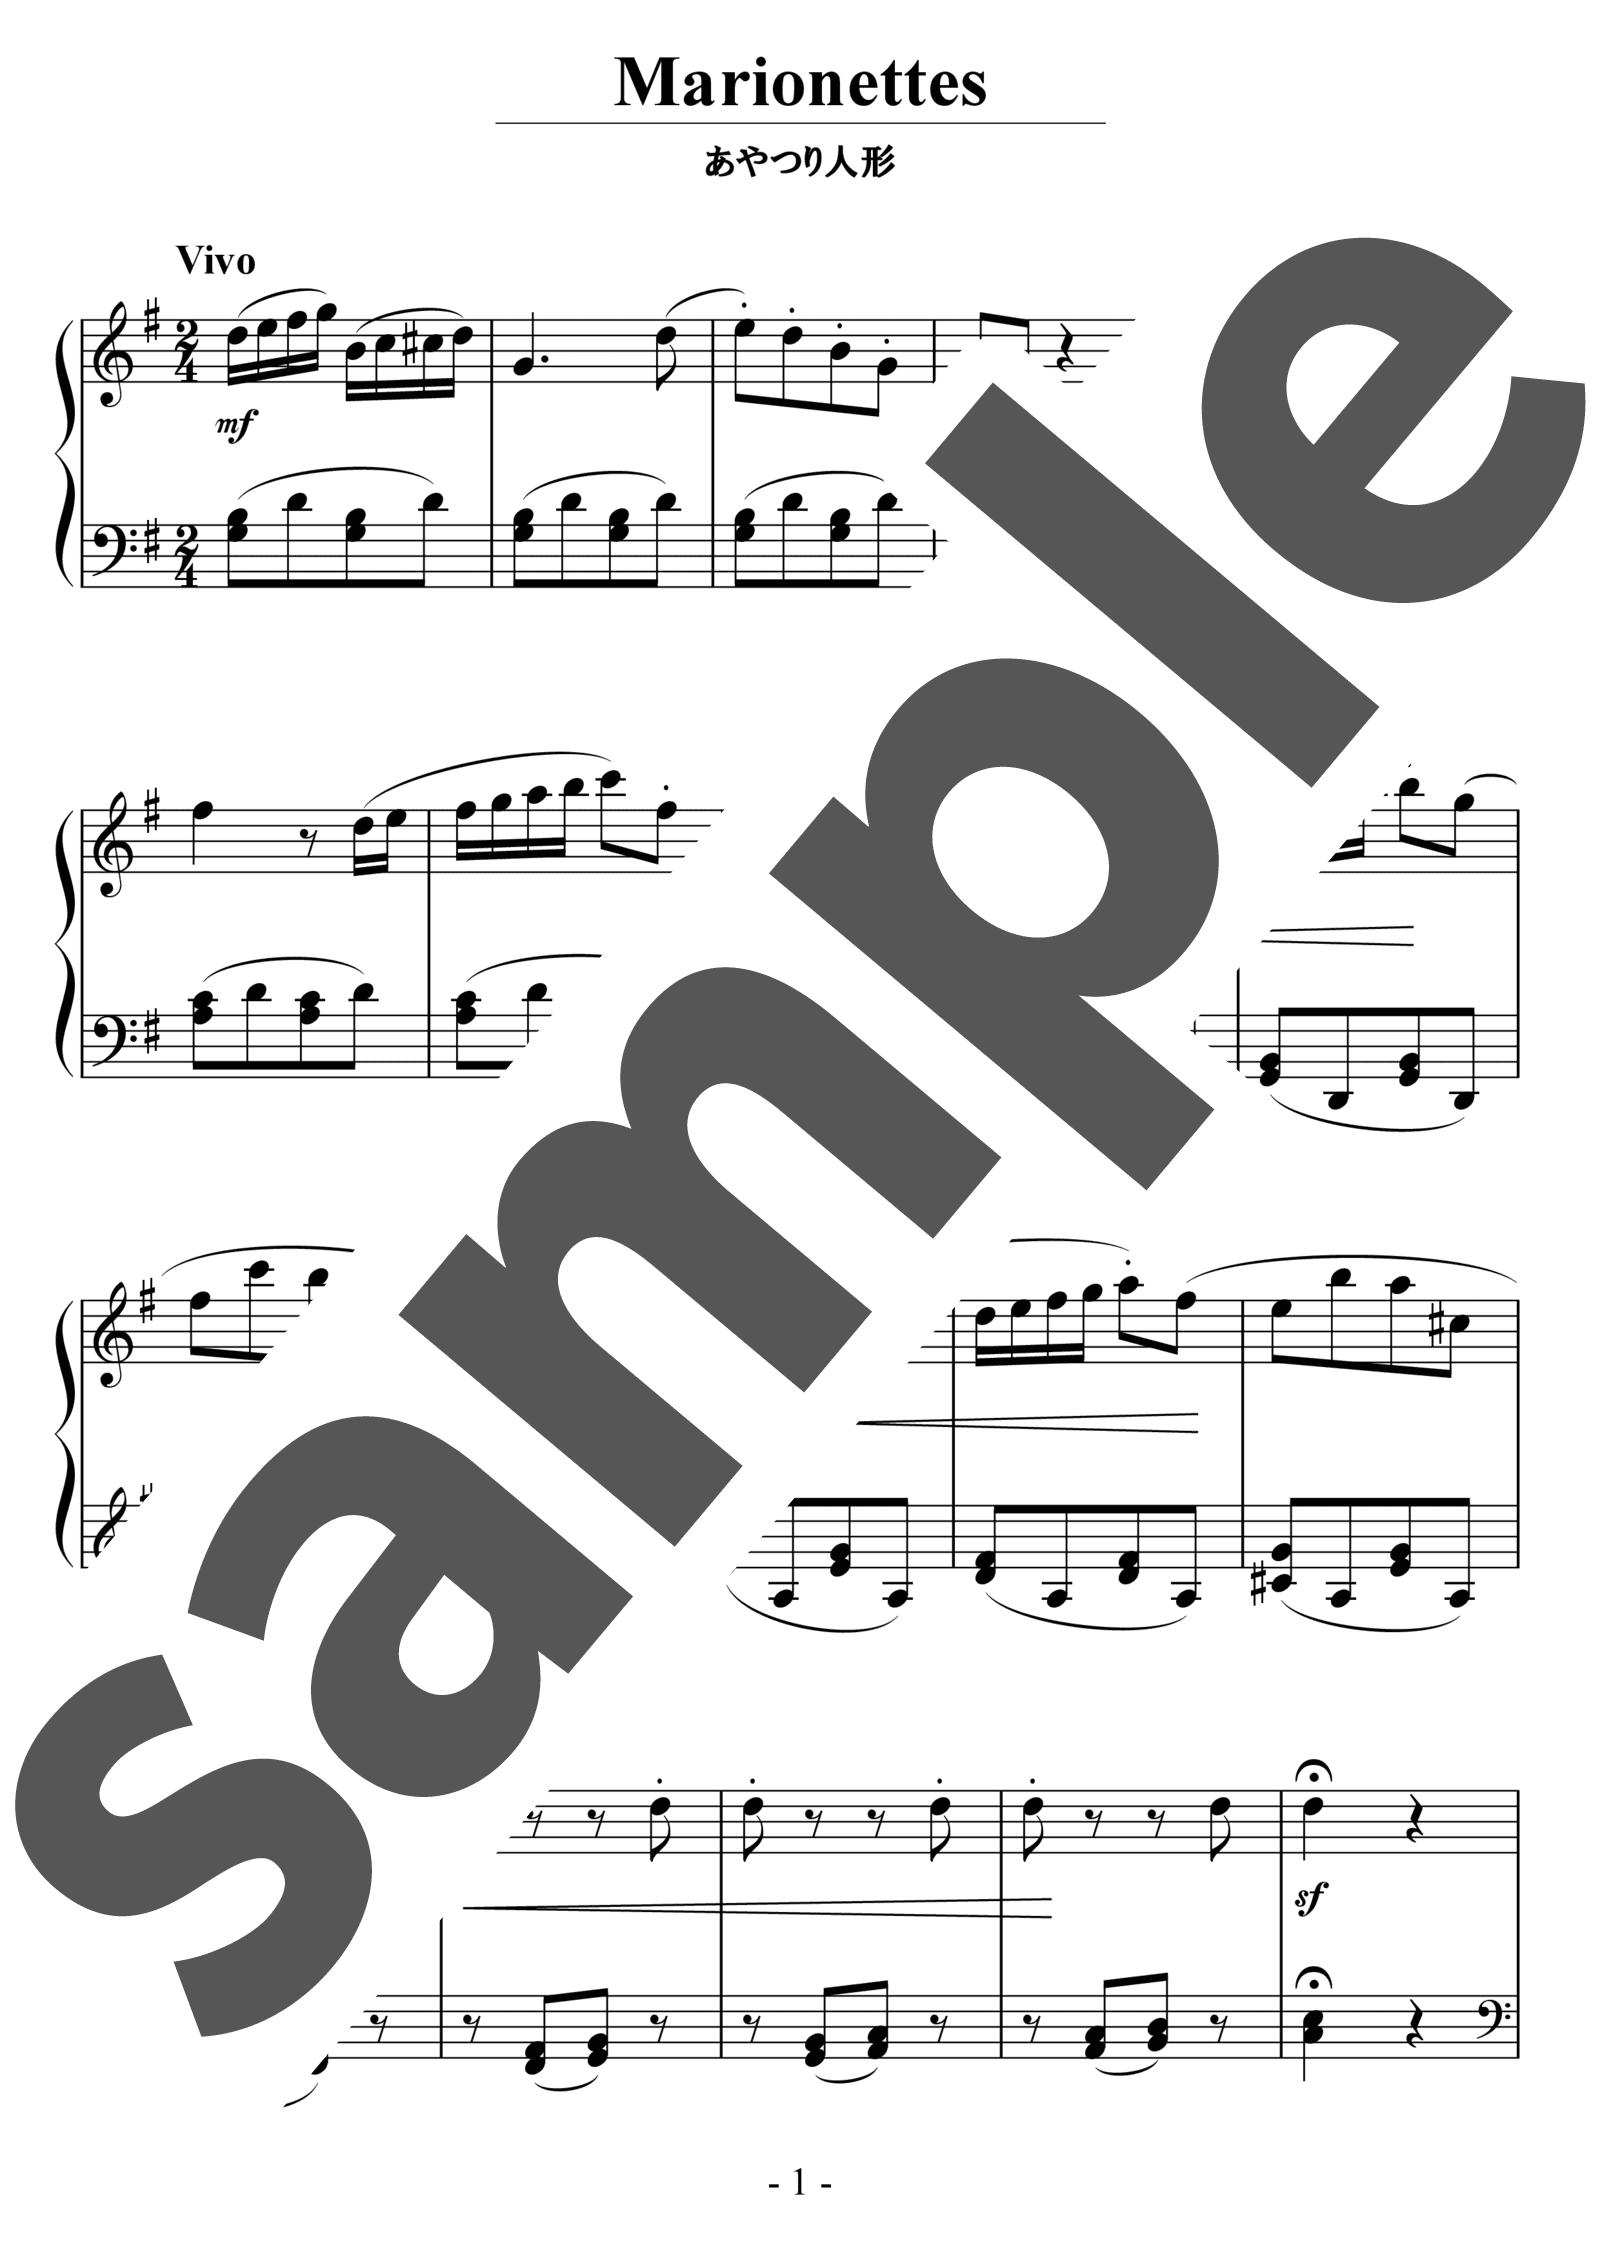 「マリオネット」のサンプル楽譜